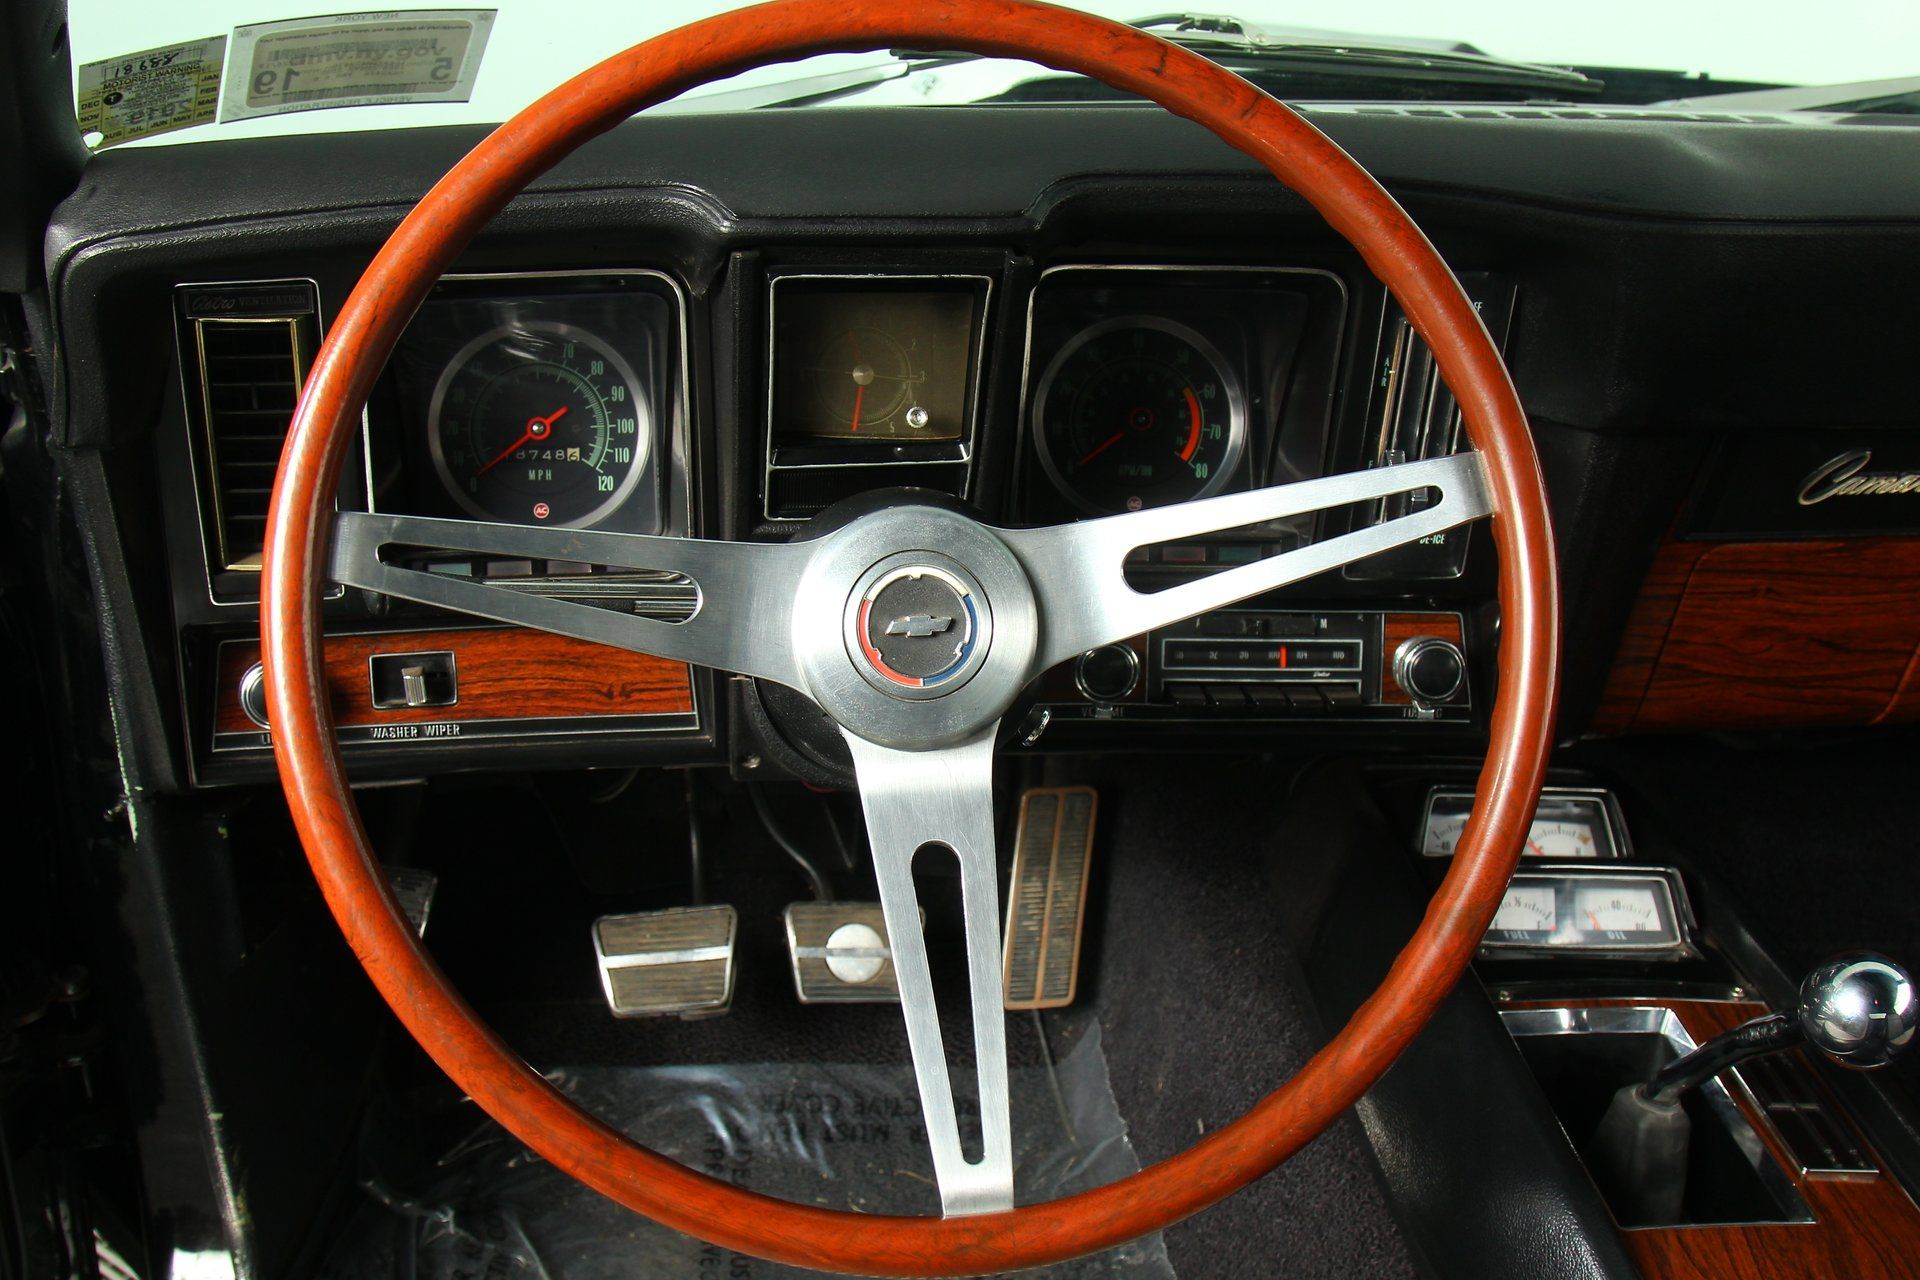 1969 Chevrolet Camaro   Sunnyside Classics   #1 Classic Car Dealership in Ohio!